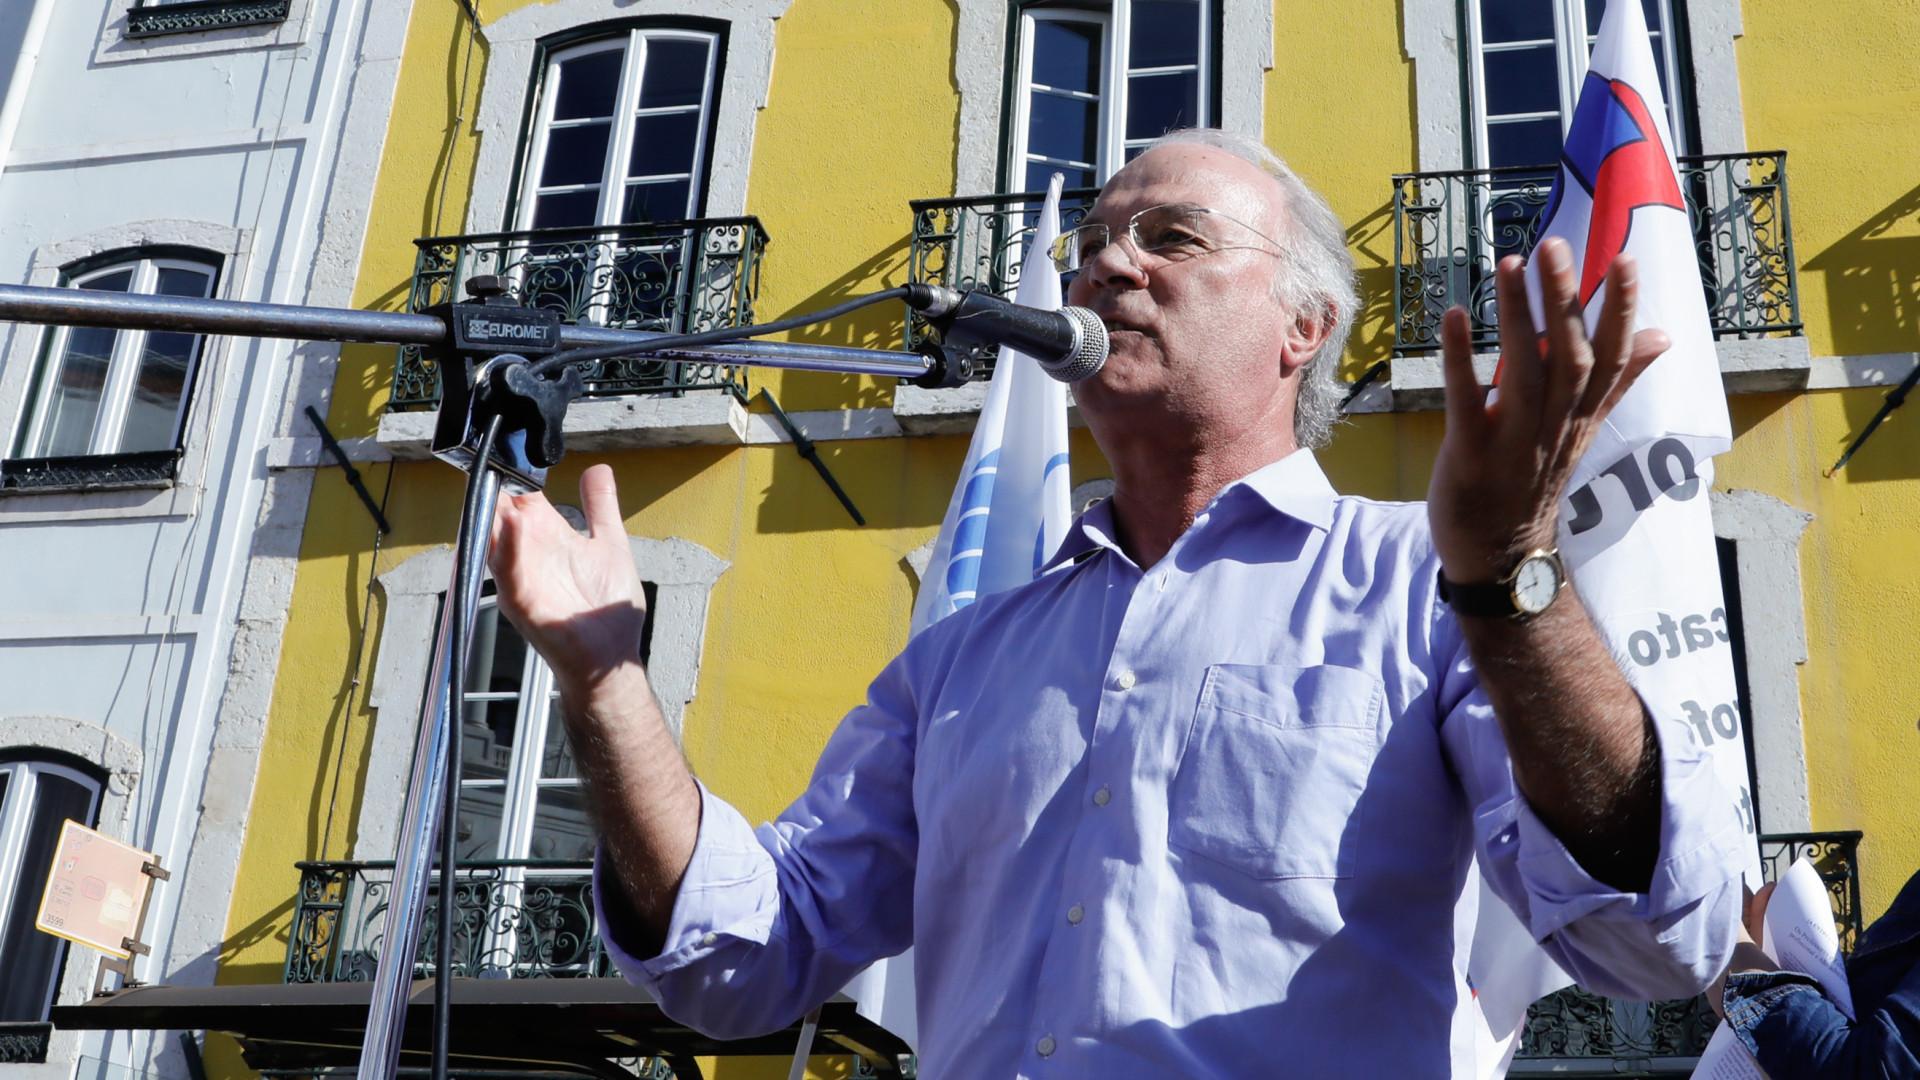 CGTP: Salário mínimo seria de 1.268 euros se fosse atualizado desde 1974